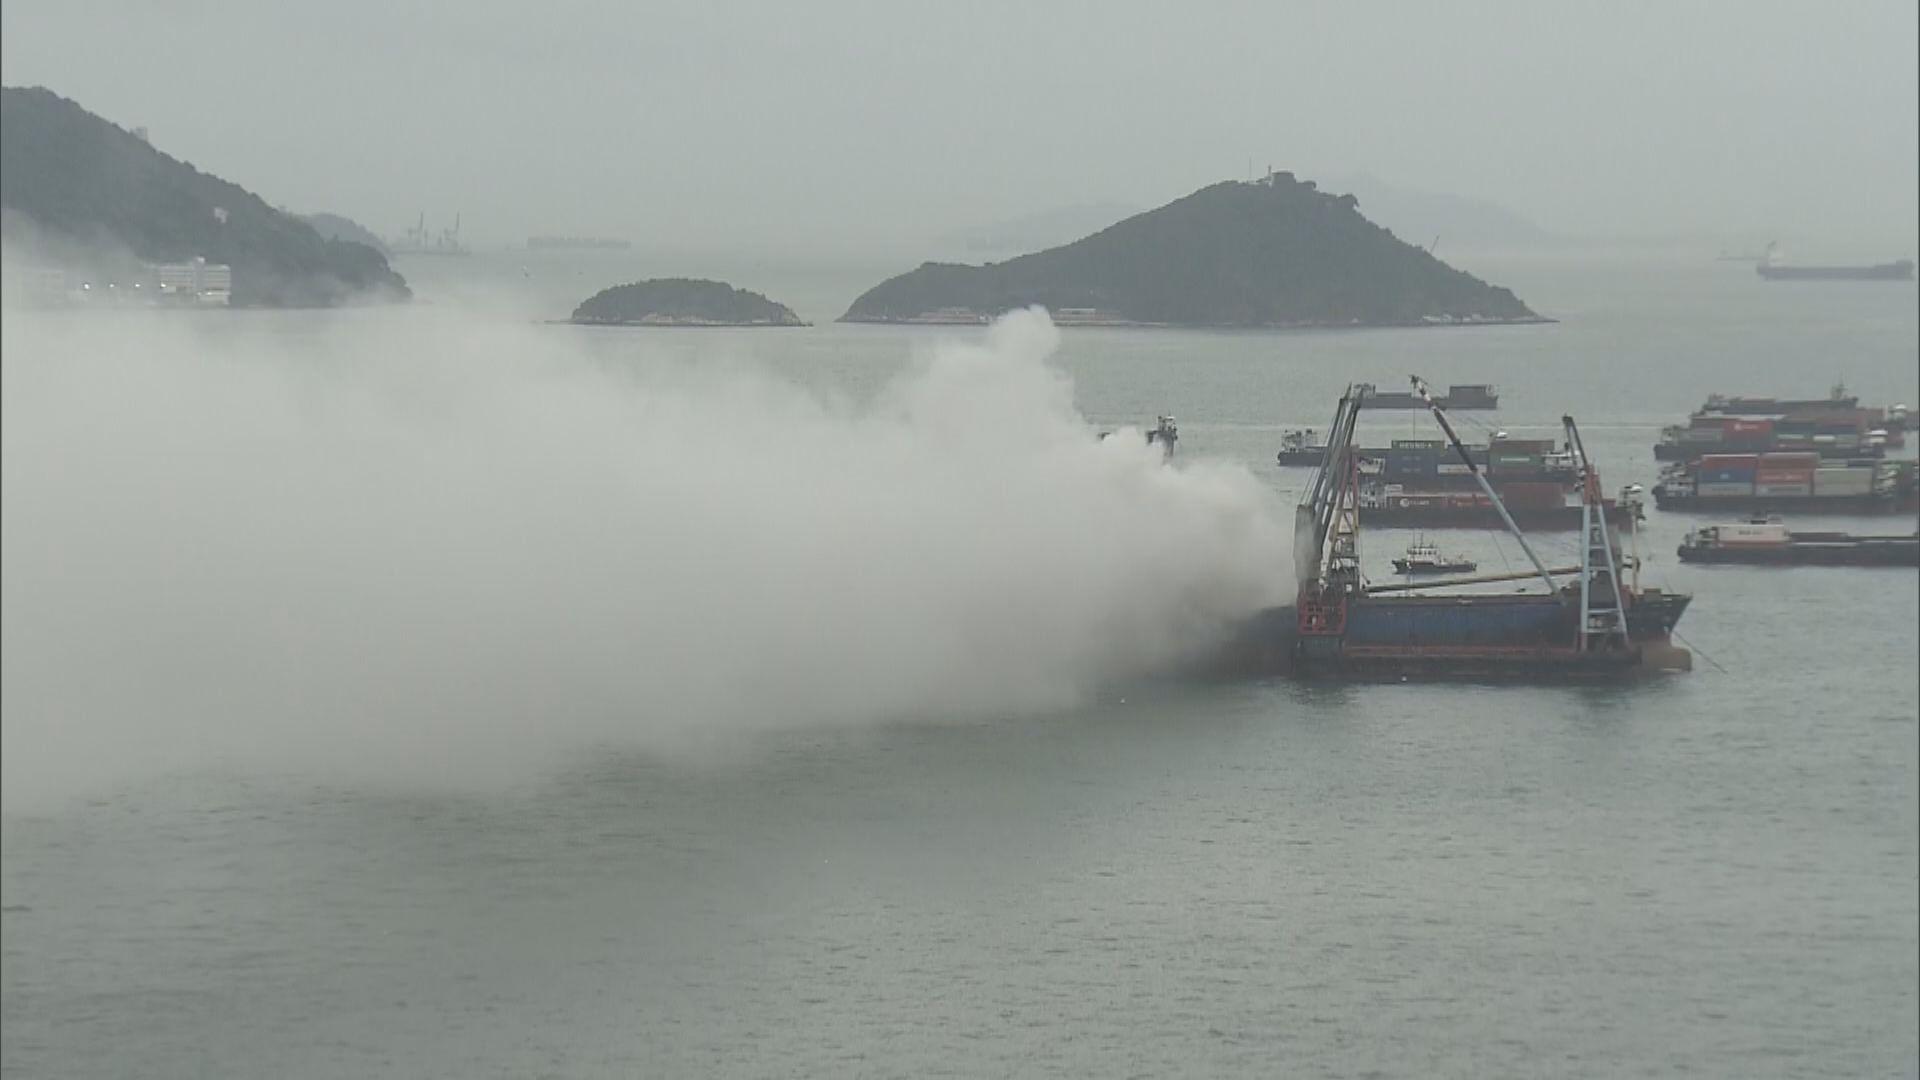 昂船洲大橋對開躉船起火無人傷 消防處正調查火警原因